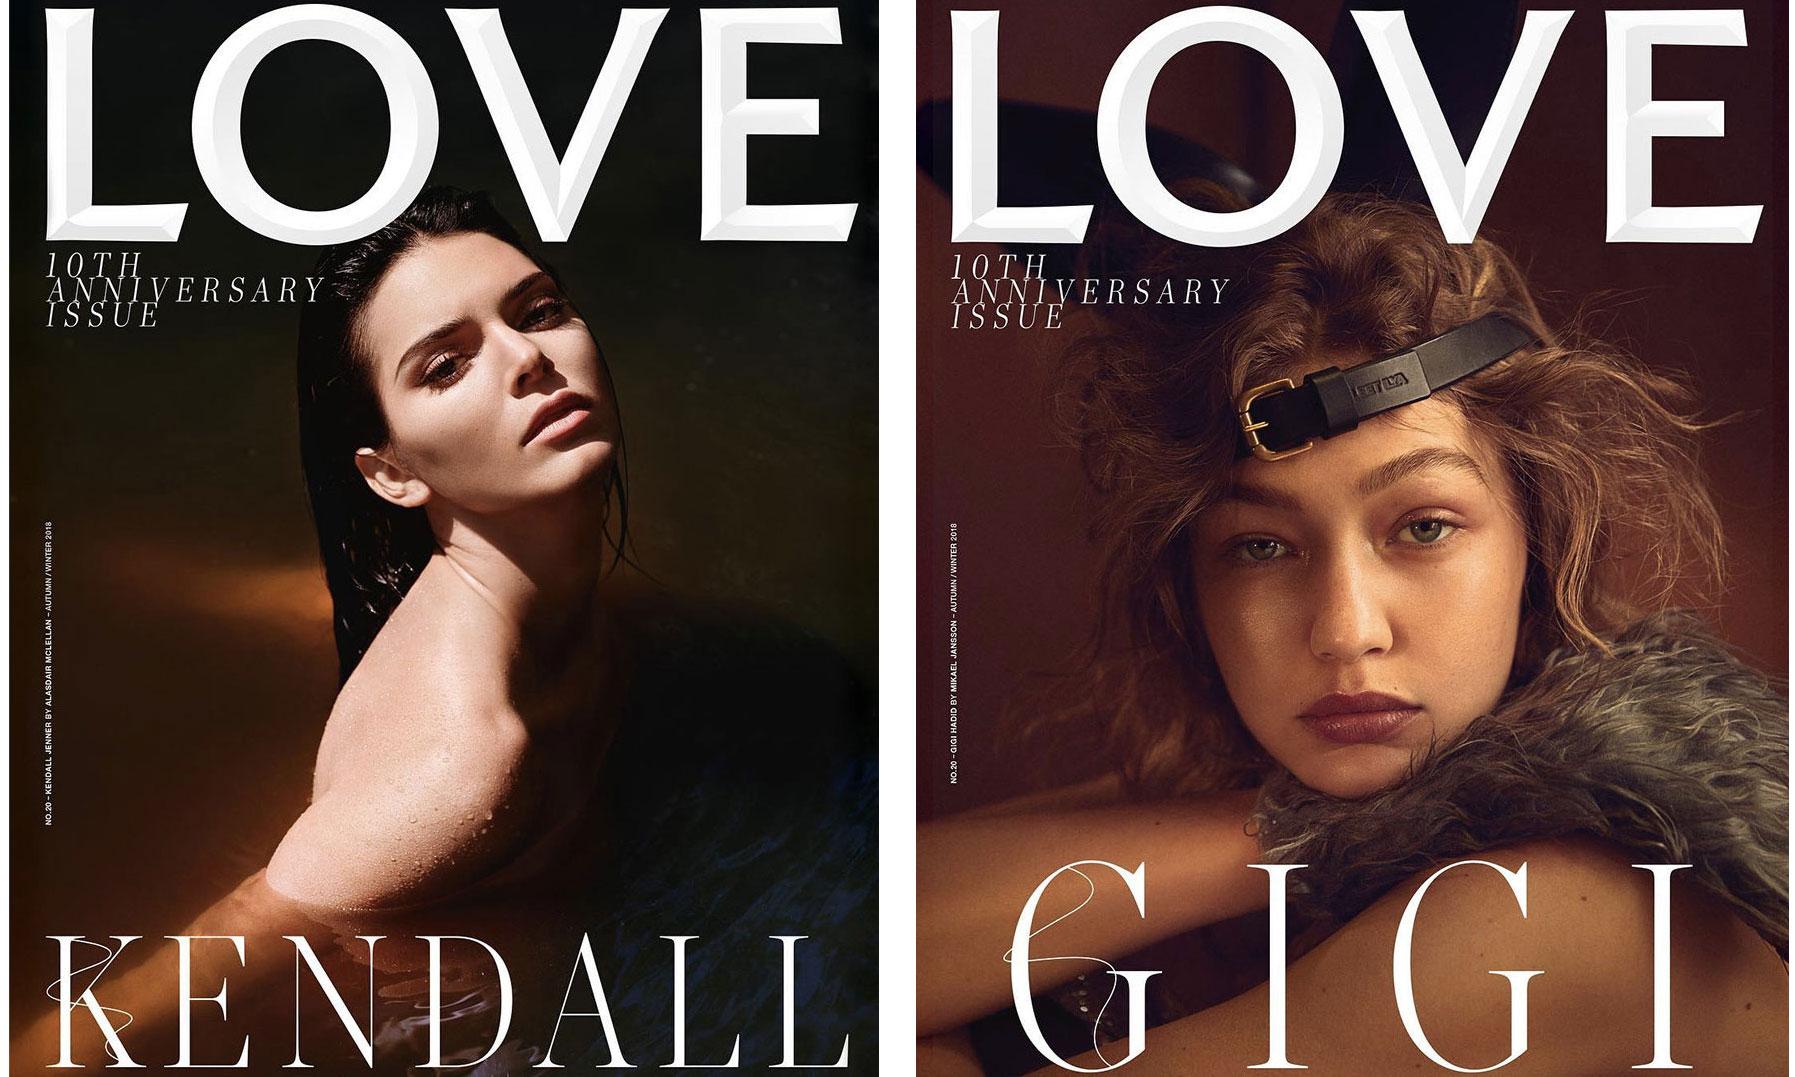 尽显黑暗浪漫美学,Gigi Hadid 以及 Kendall Jenner 为《LOVE》杂志拍摄 10 周年特辑封面